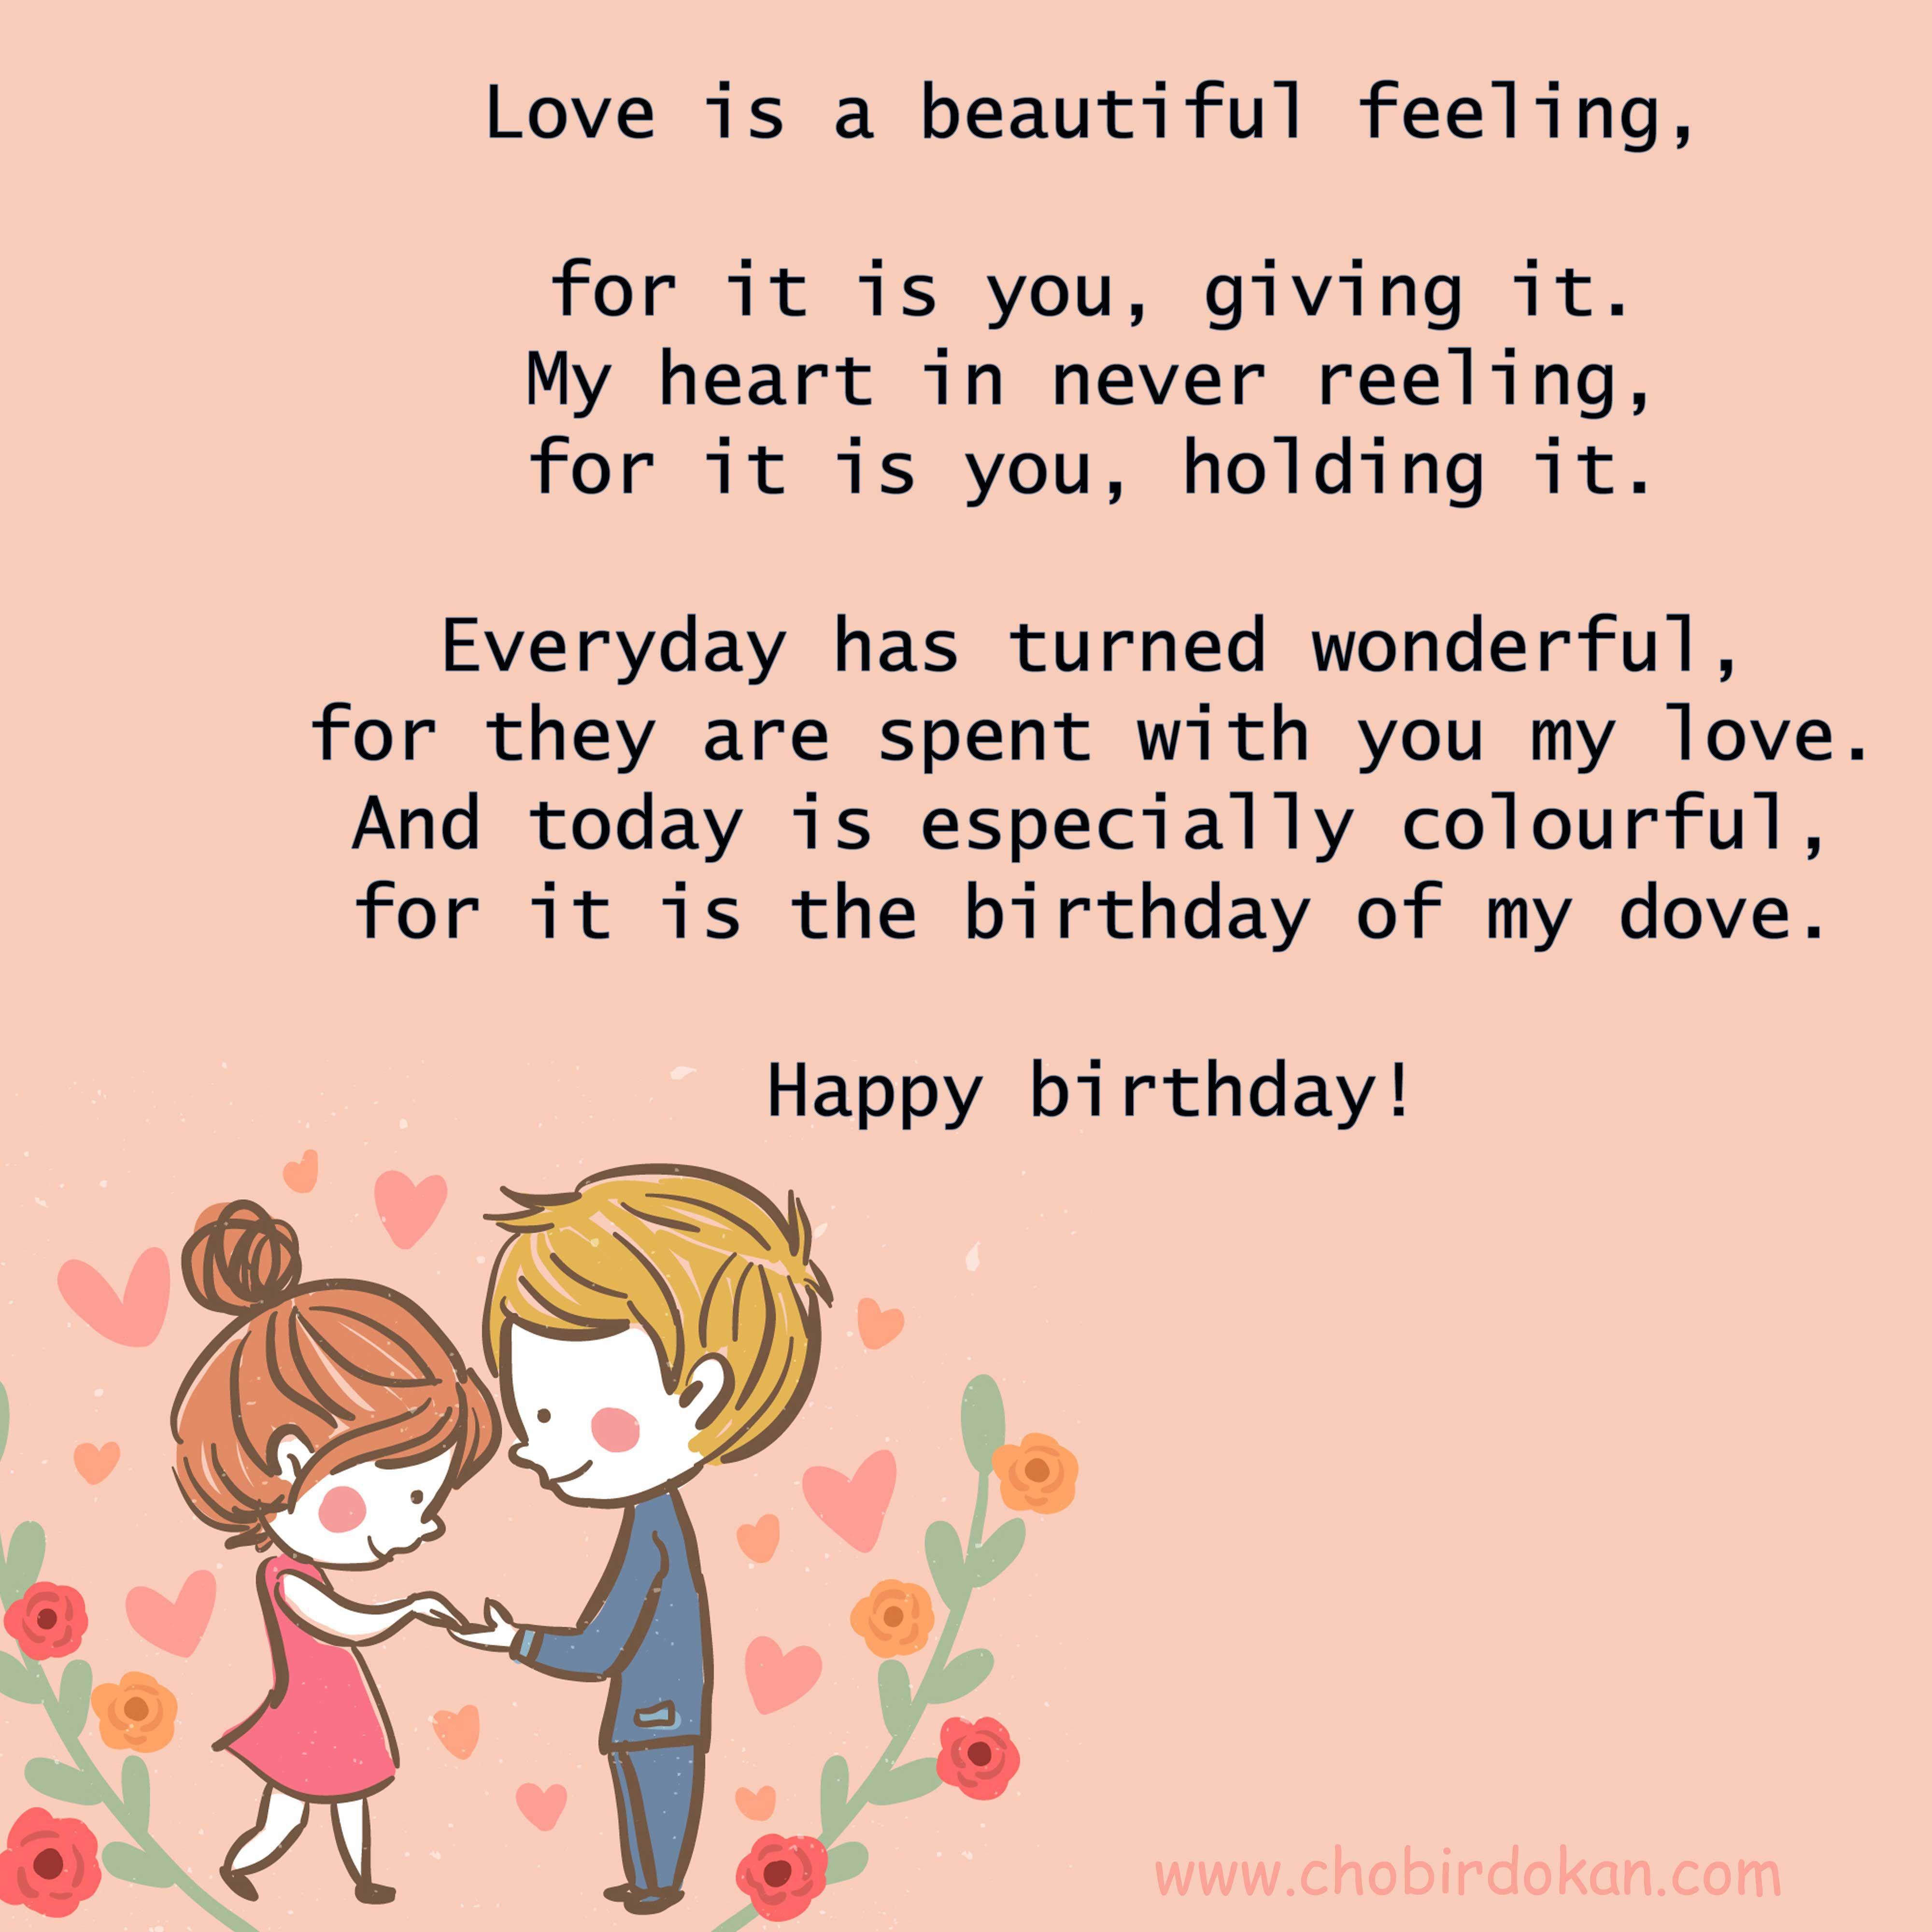 Happy Birthday Poem For Boyfriend Birthday Poems For Her